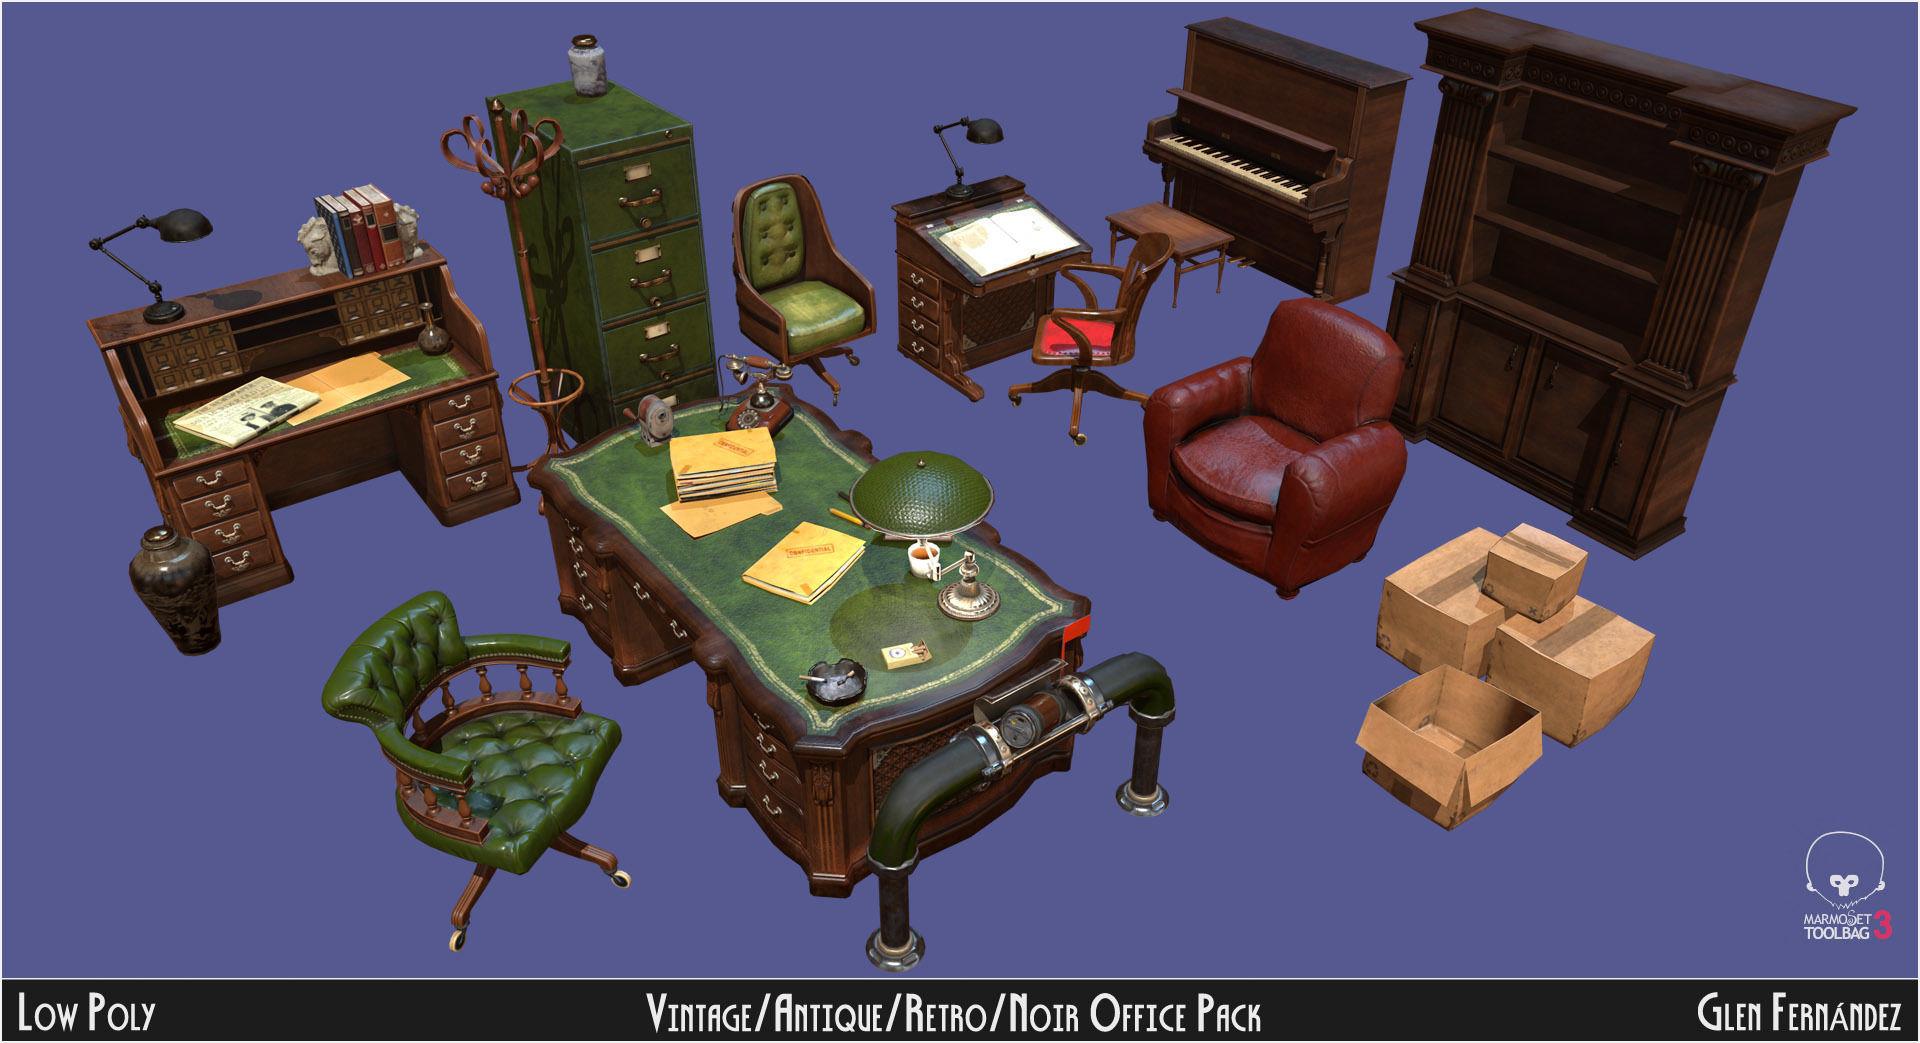 Vintage Office Asset Pack